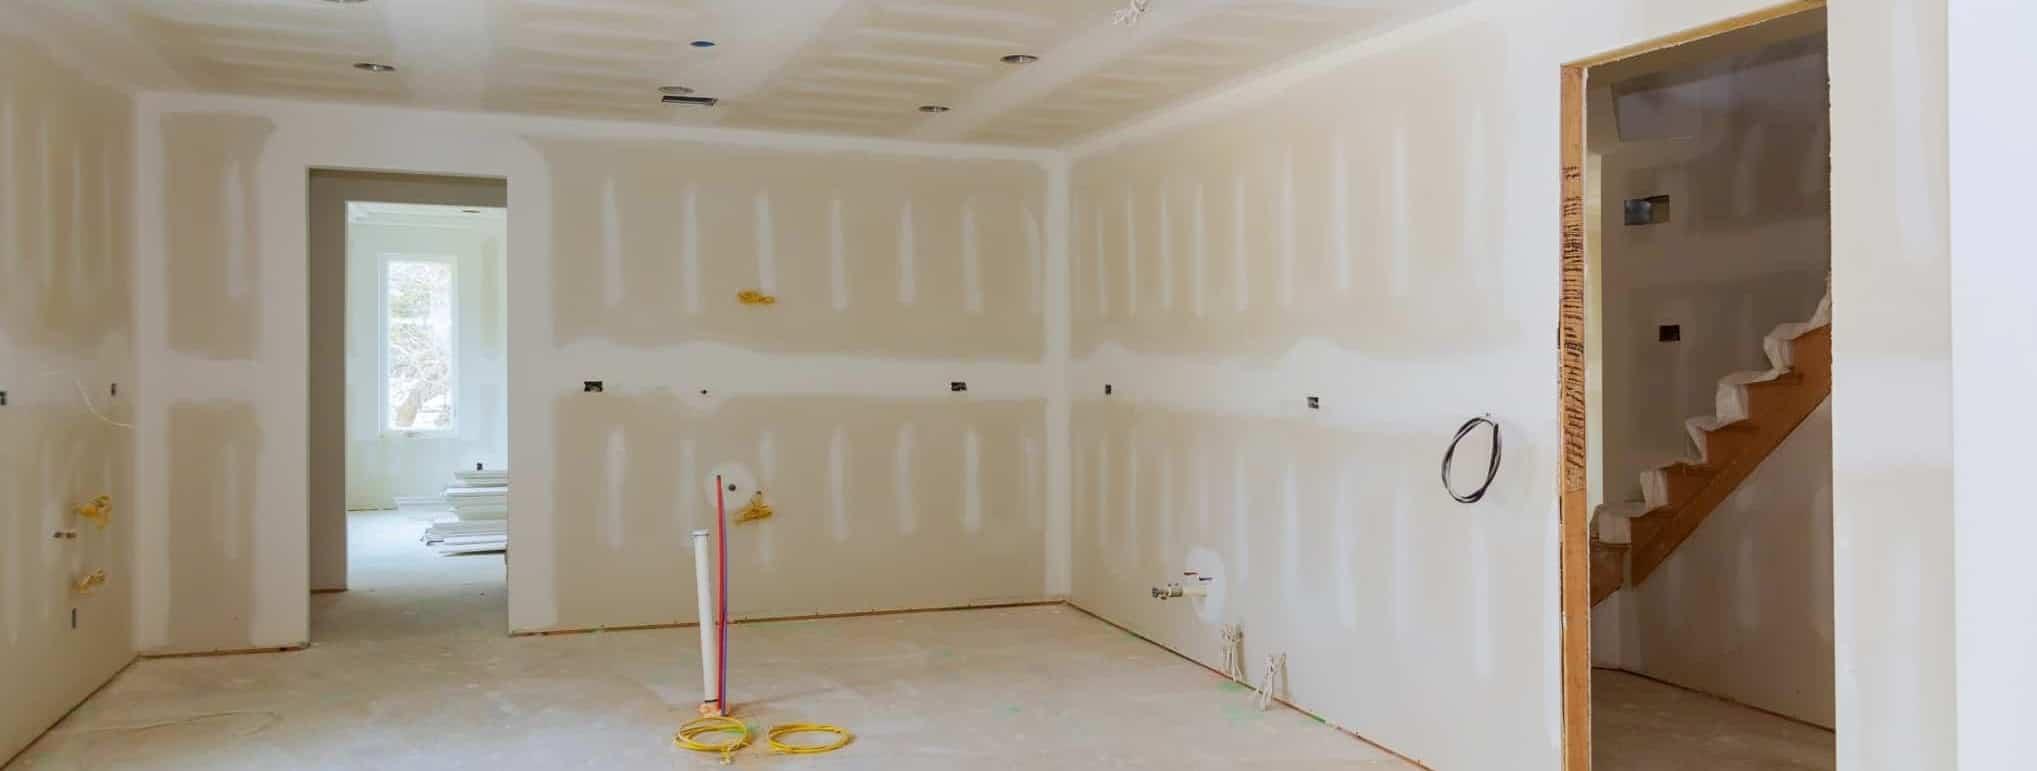 casa em remodelação